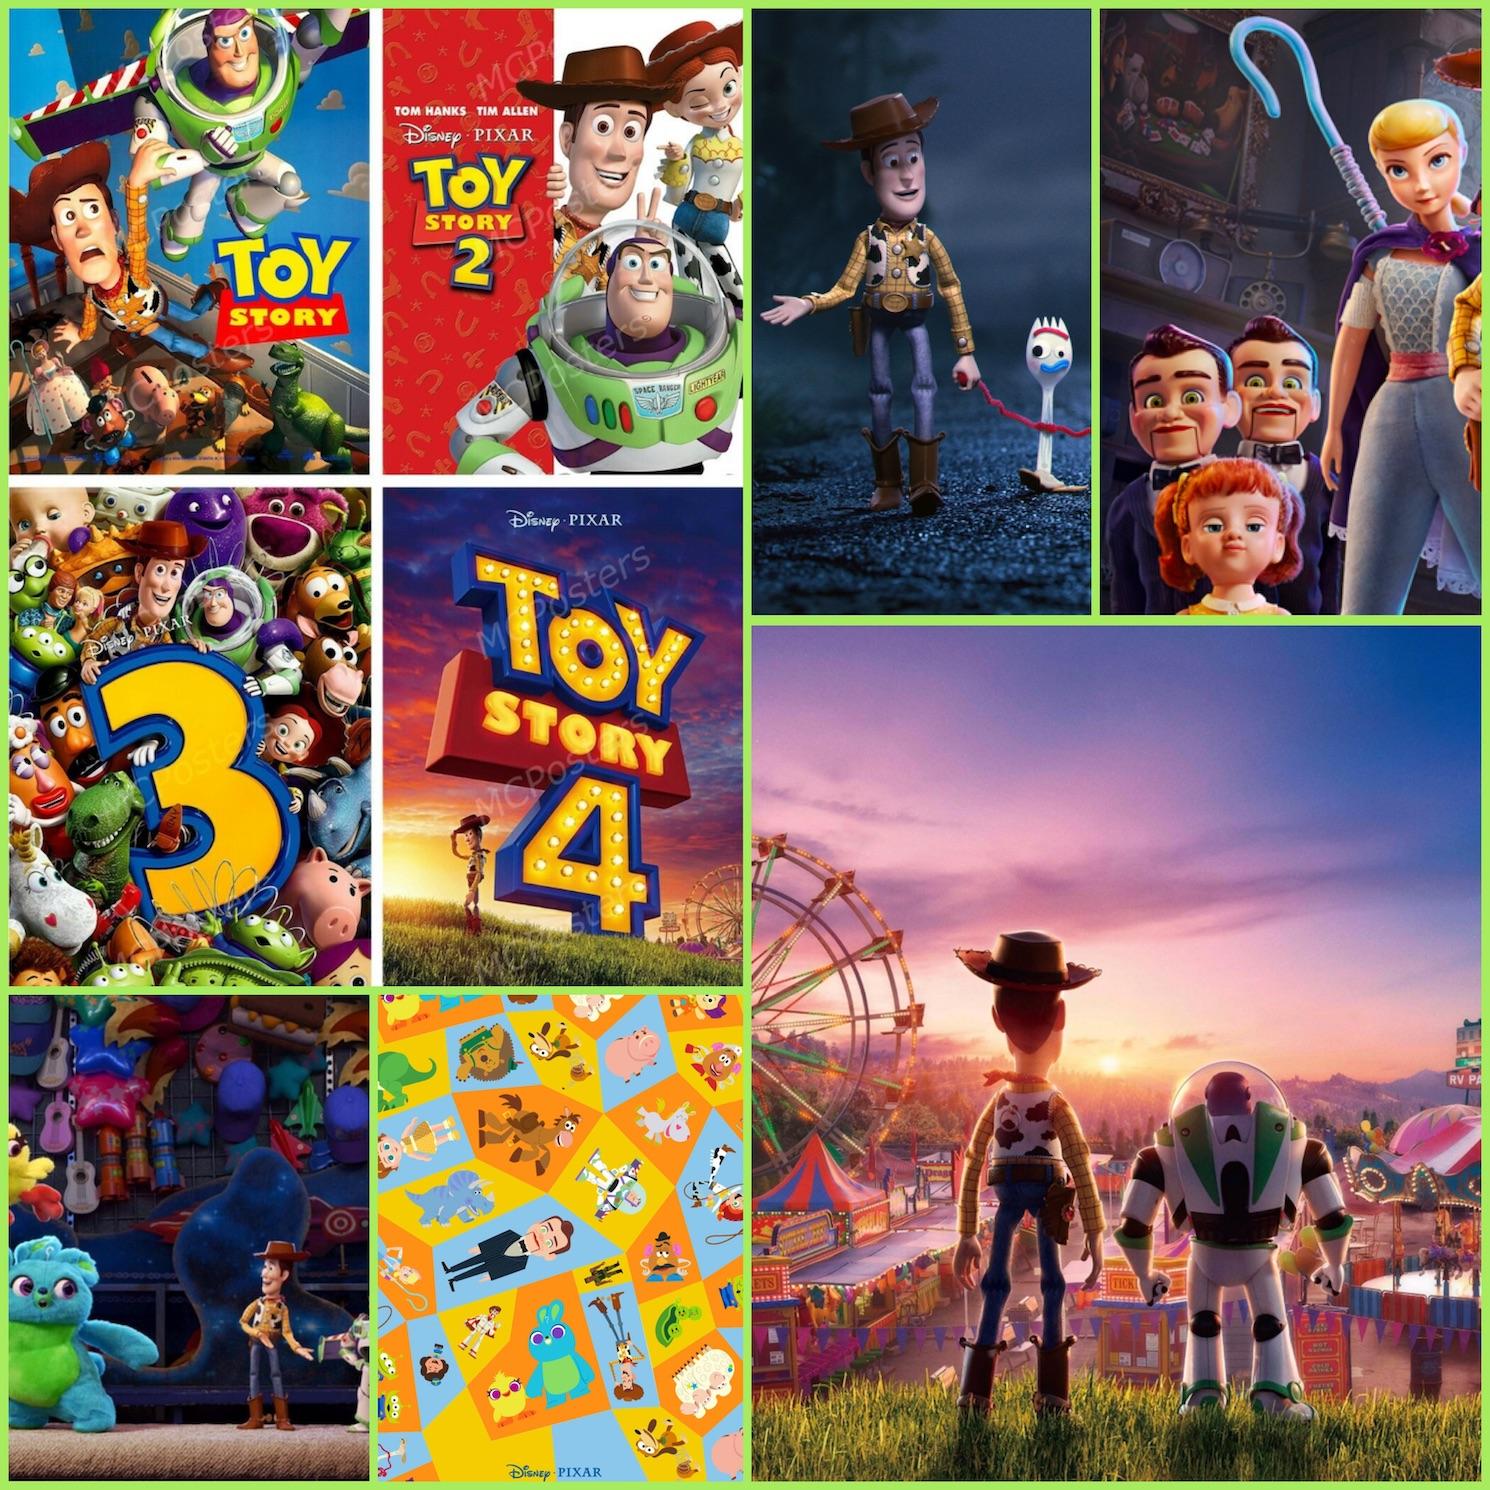 toy-story-4-forky-creatività-gioco-considerazioni-riflessioni-insta-thoughts-cinema-film-animazione